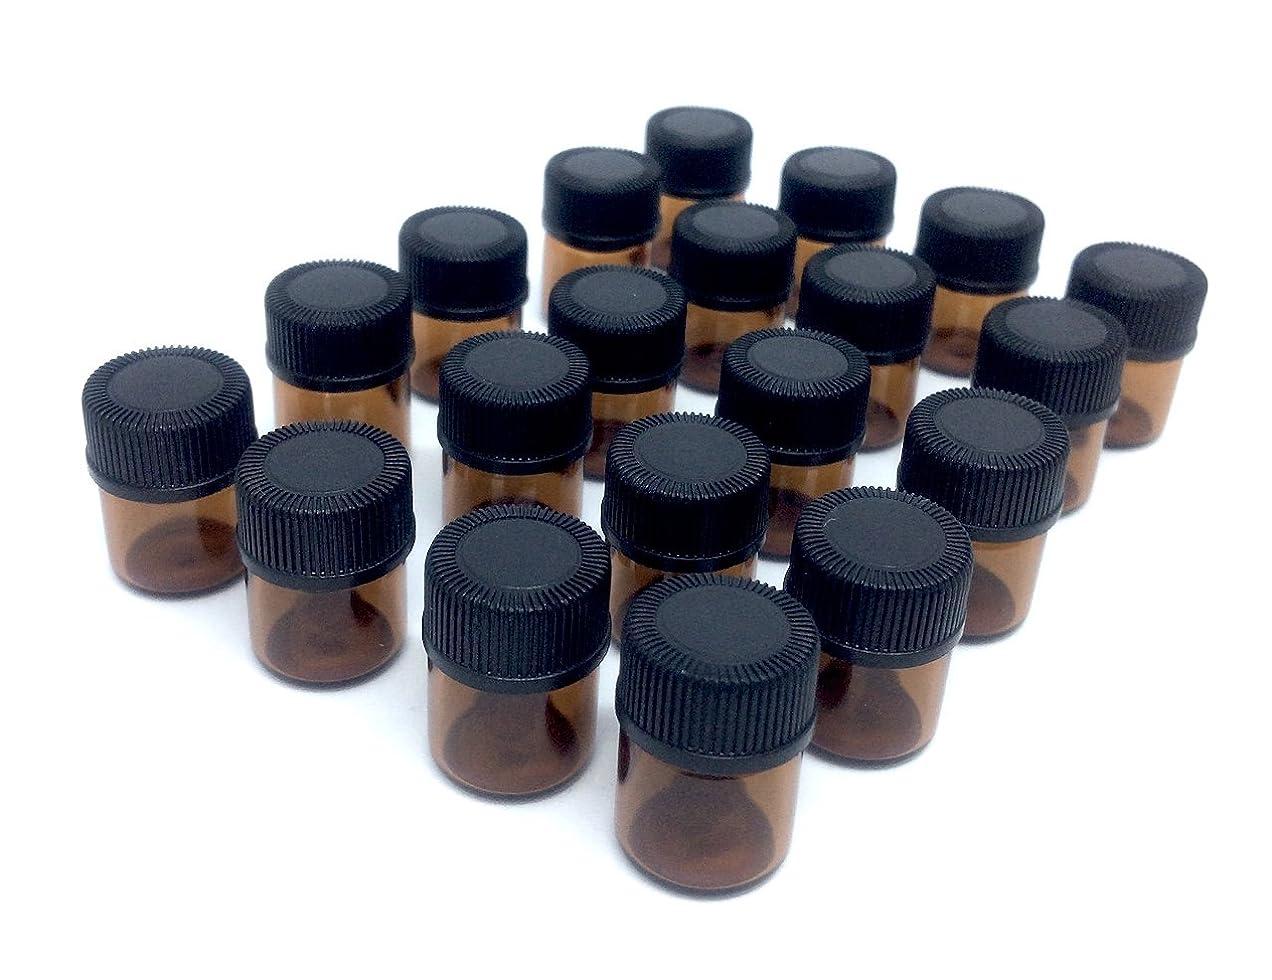 の量北米ポータルアロマオイル 遮光瓶 精油 小分け用 ガラス製 保存容器 20本 セット (1ml)